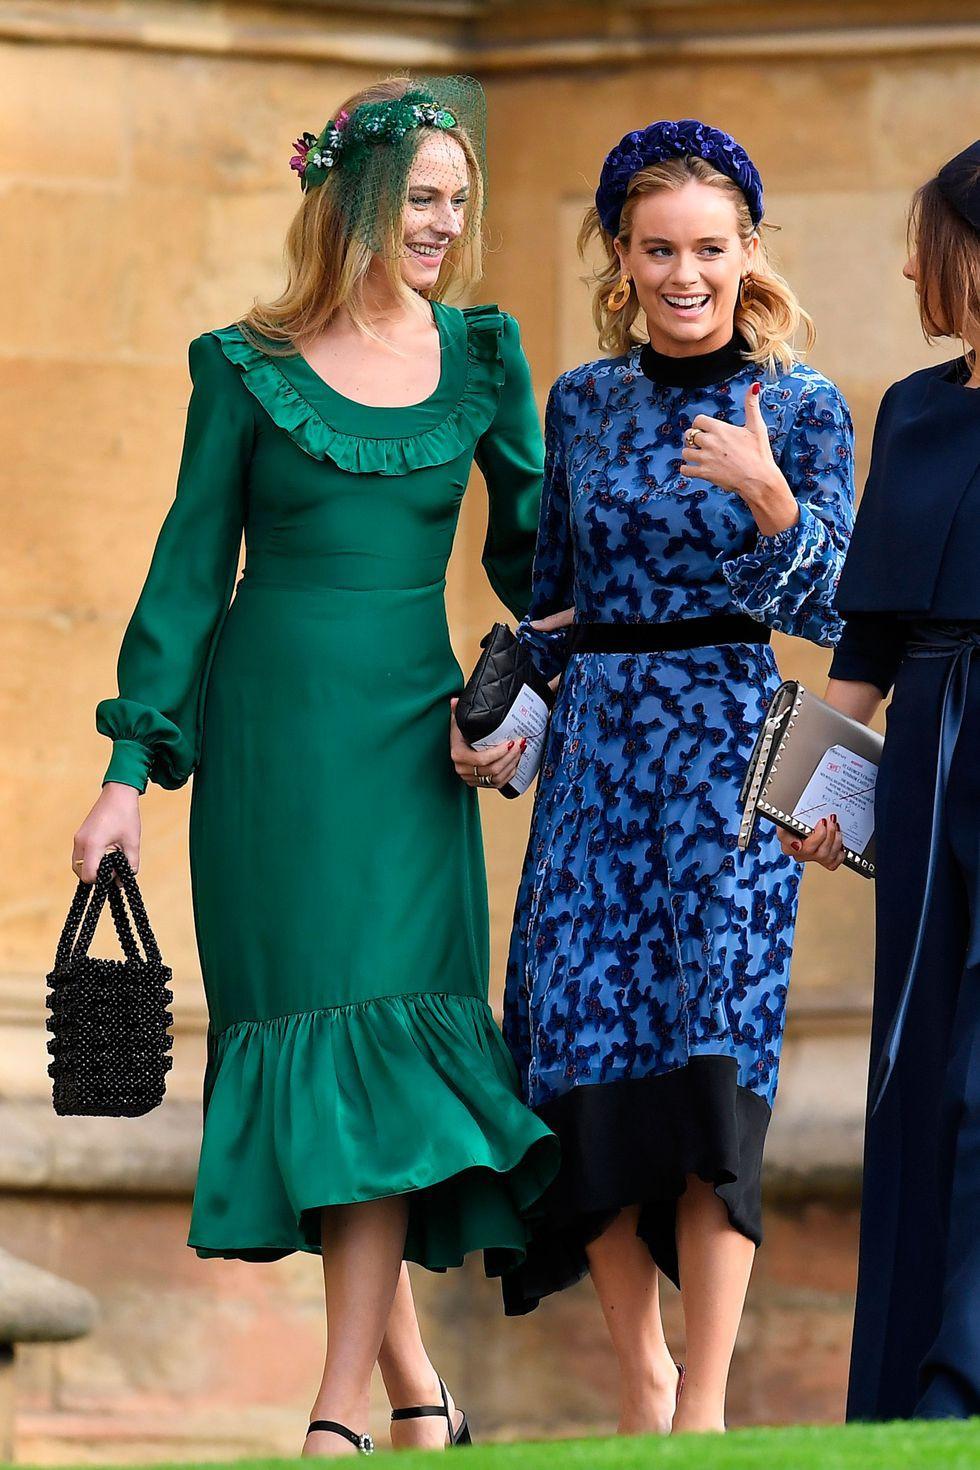 Đám cưới Công chúa Eugenie: Cara Delevingne chơi trội diện đồ nam, làm lu mờ cả Công nương Kate và Meghan - Ảnh 16.